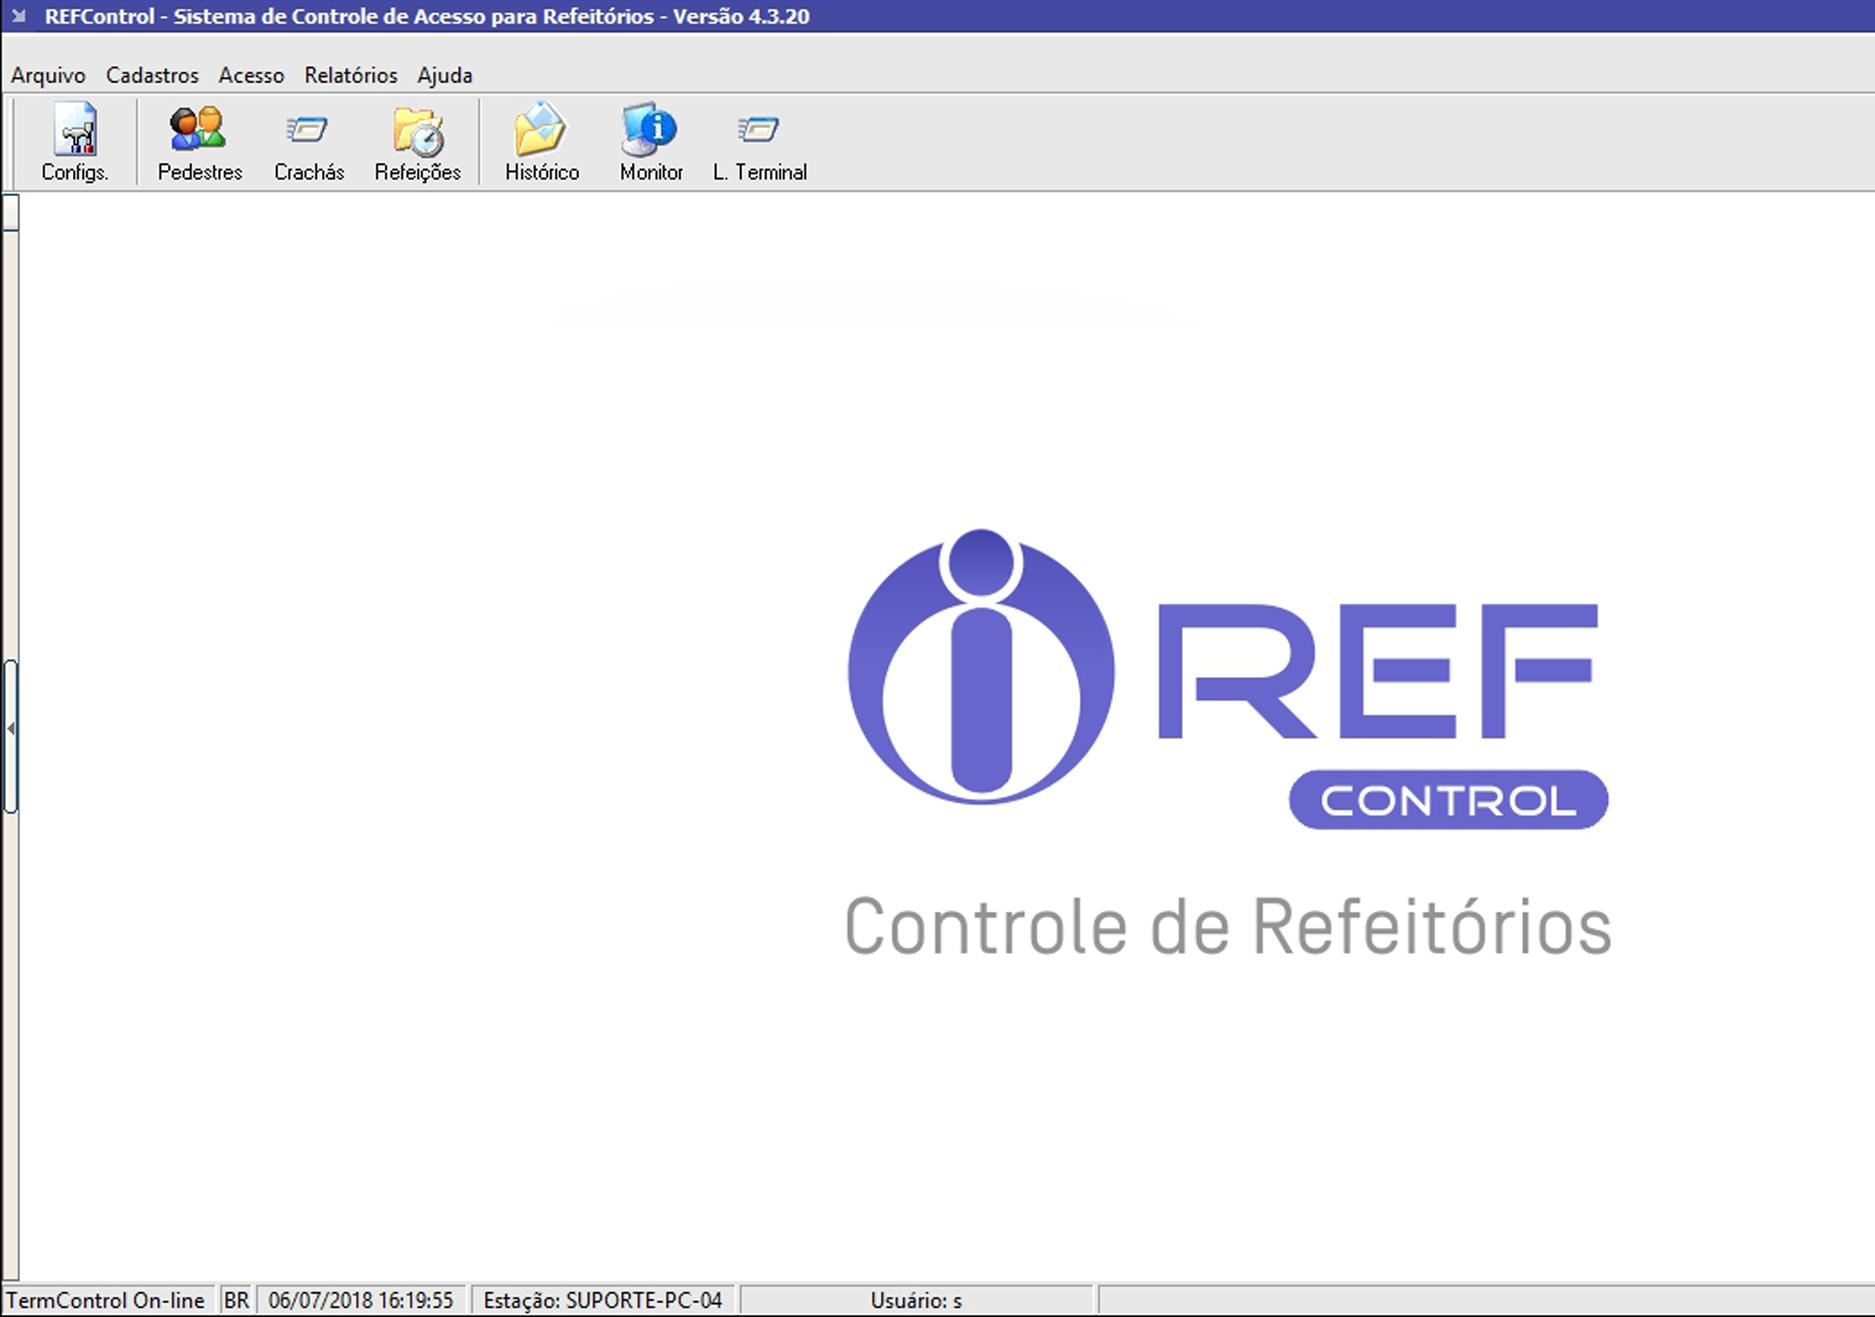 RefControl02